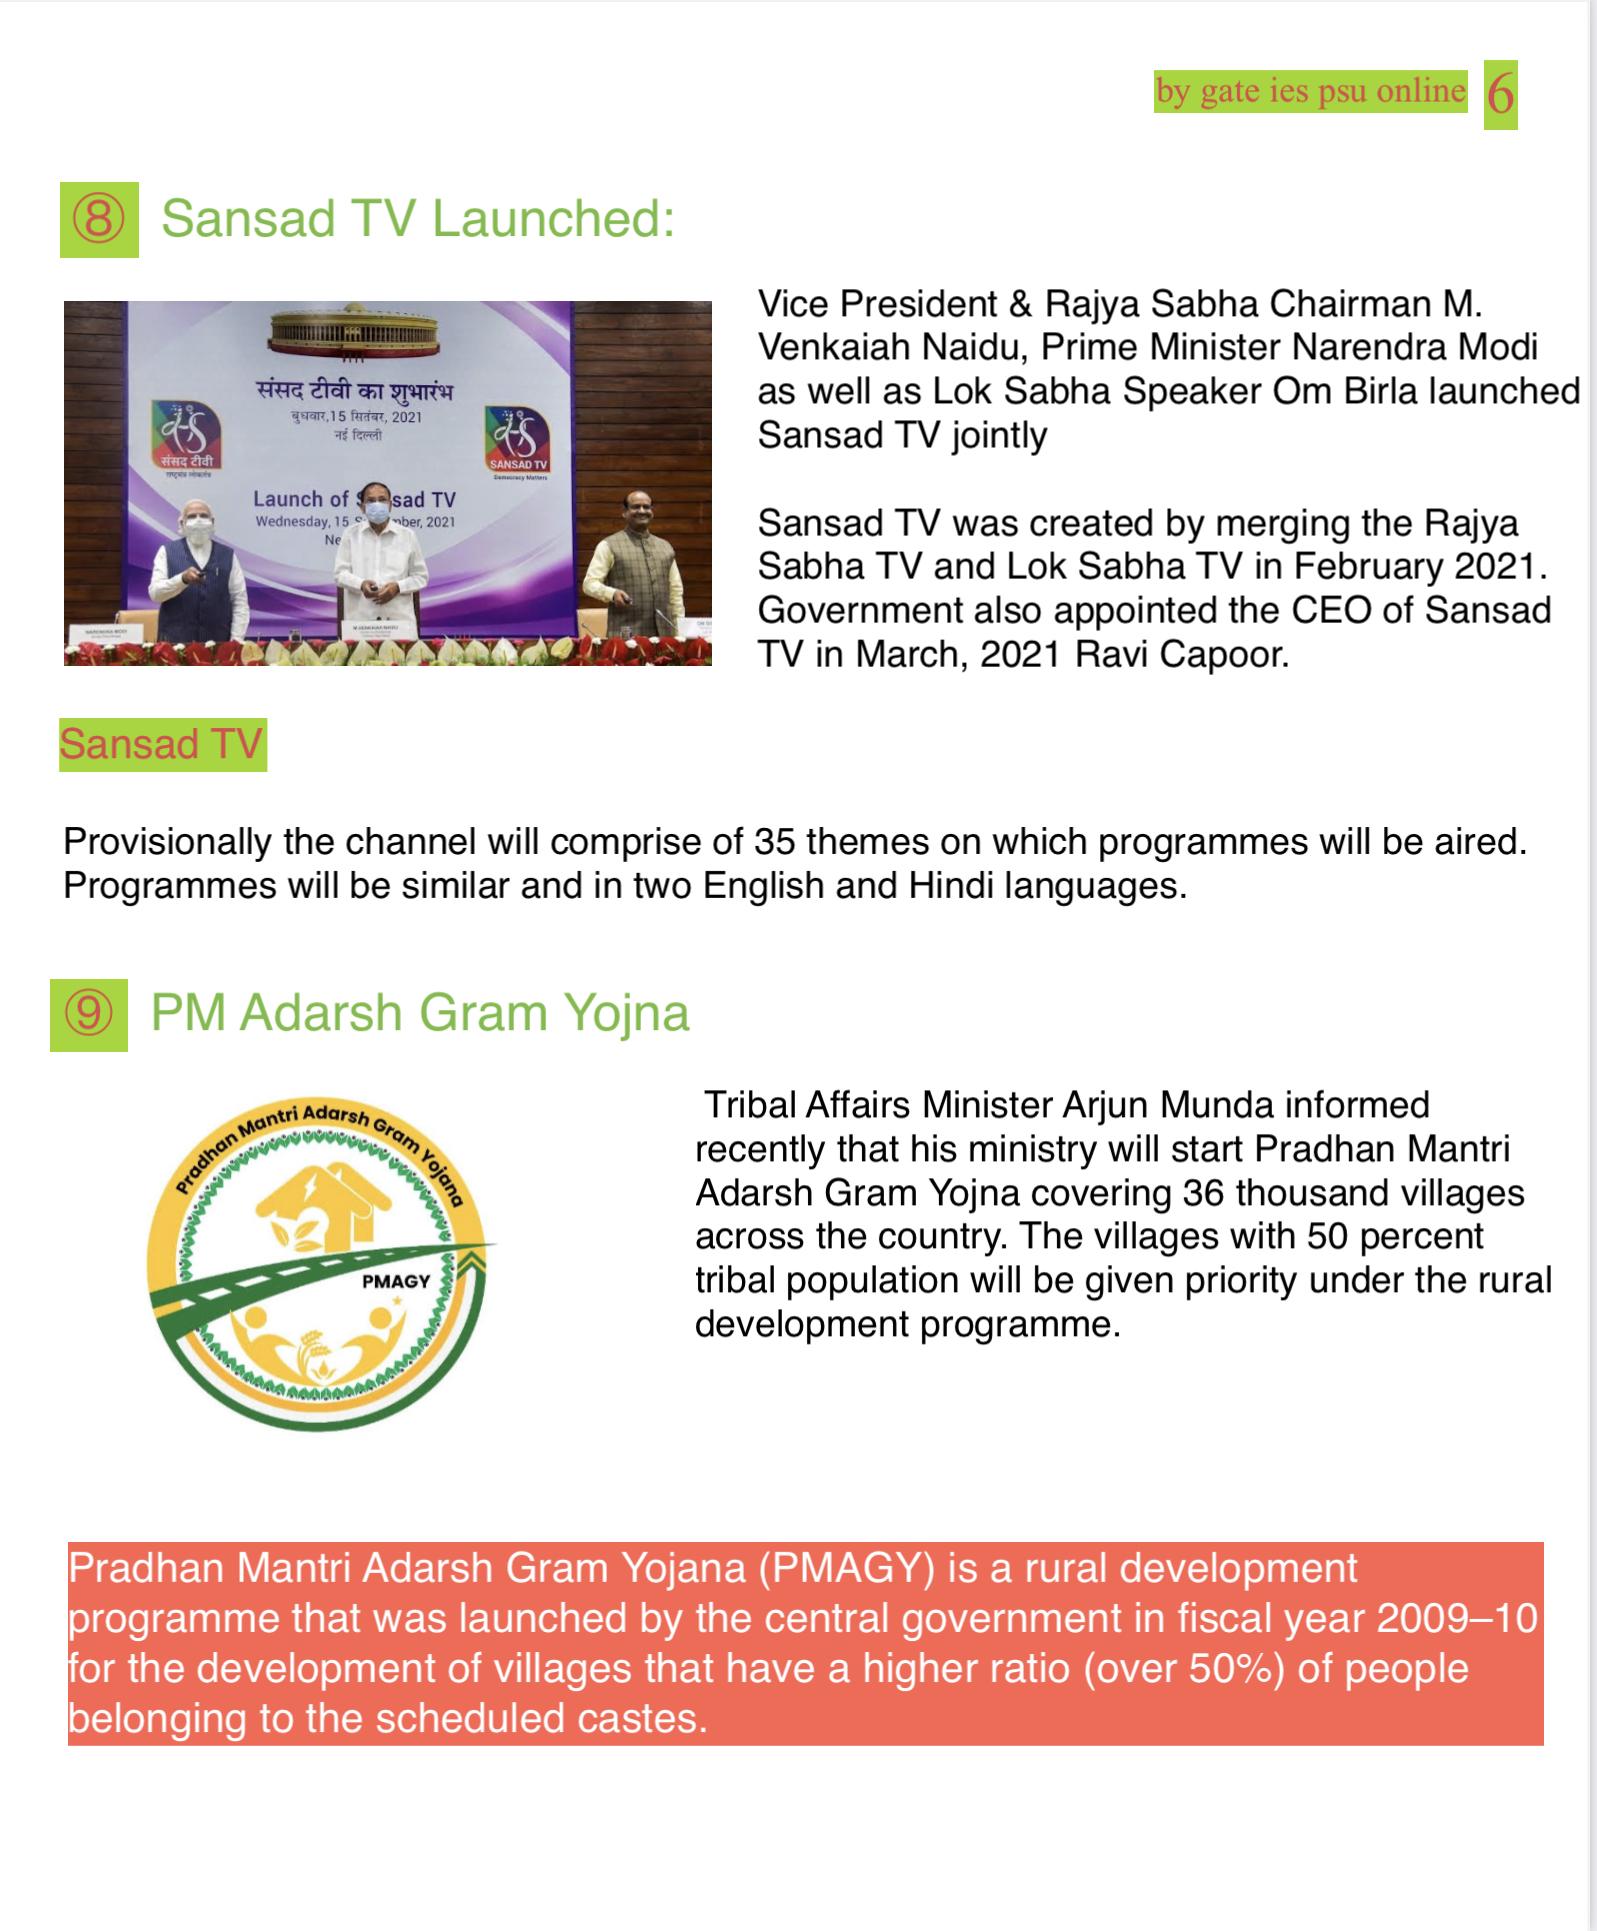 SANSAD TV, PM ADARSH GRAM YOJNA UPSC CURRENT AFFAIRS